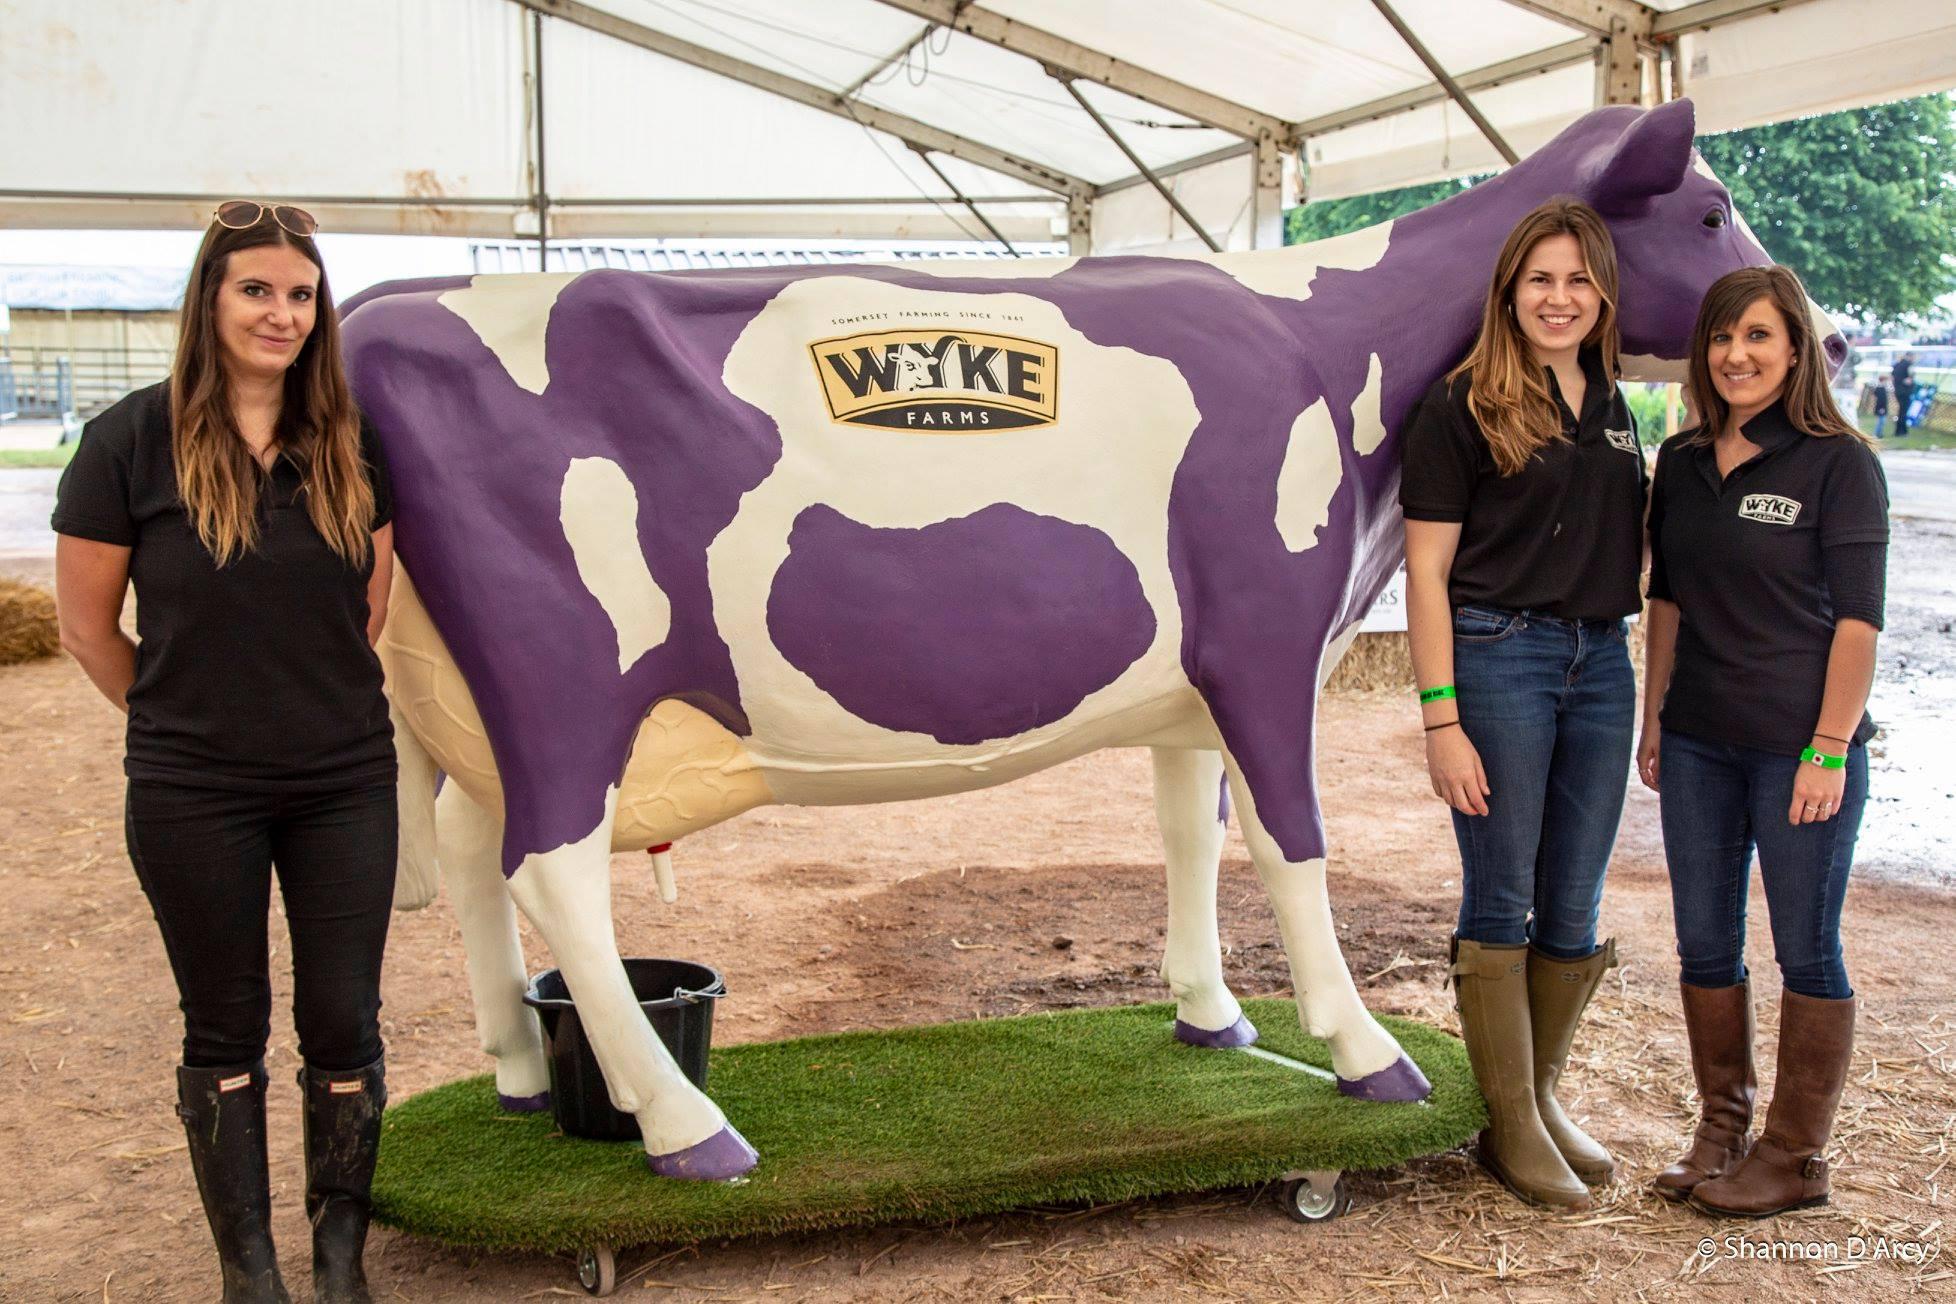 Wyke Farms Life Size 3D Model Cow on Turfboard